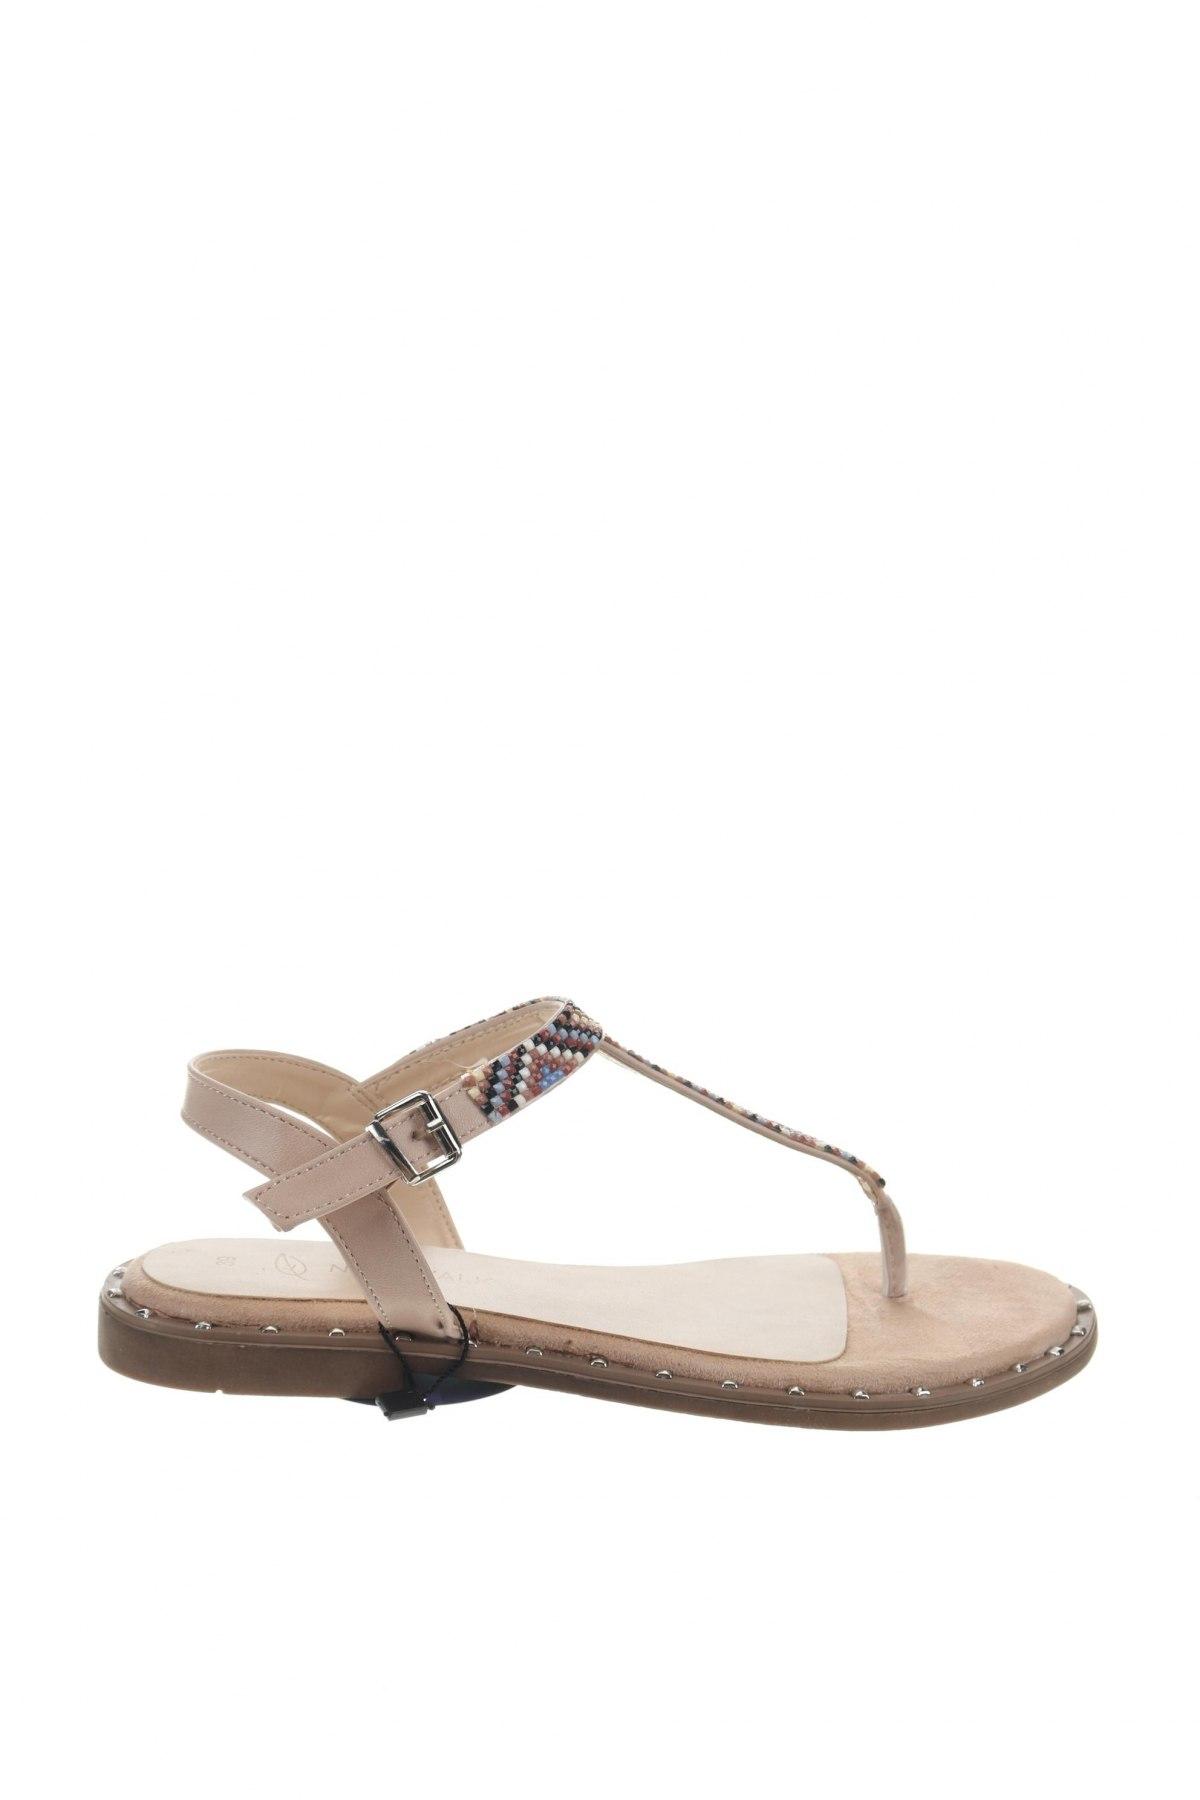 Σανδάλια Nicewalk, Μέγεθος 39, Χρώμα  Μπέζ, Δερματίνη, Τιμή 12,63€